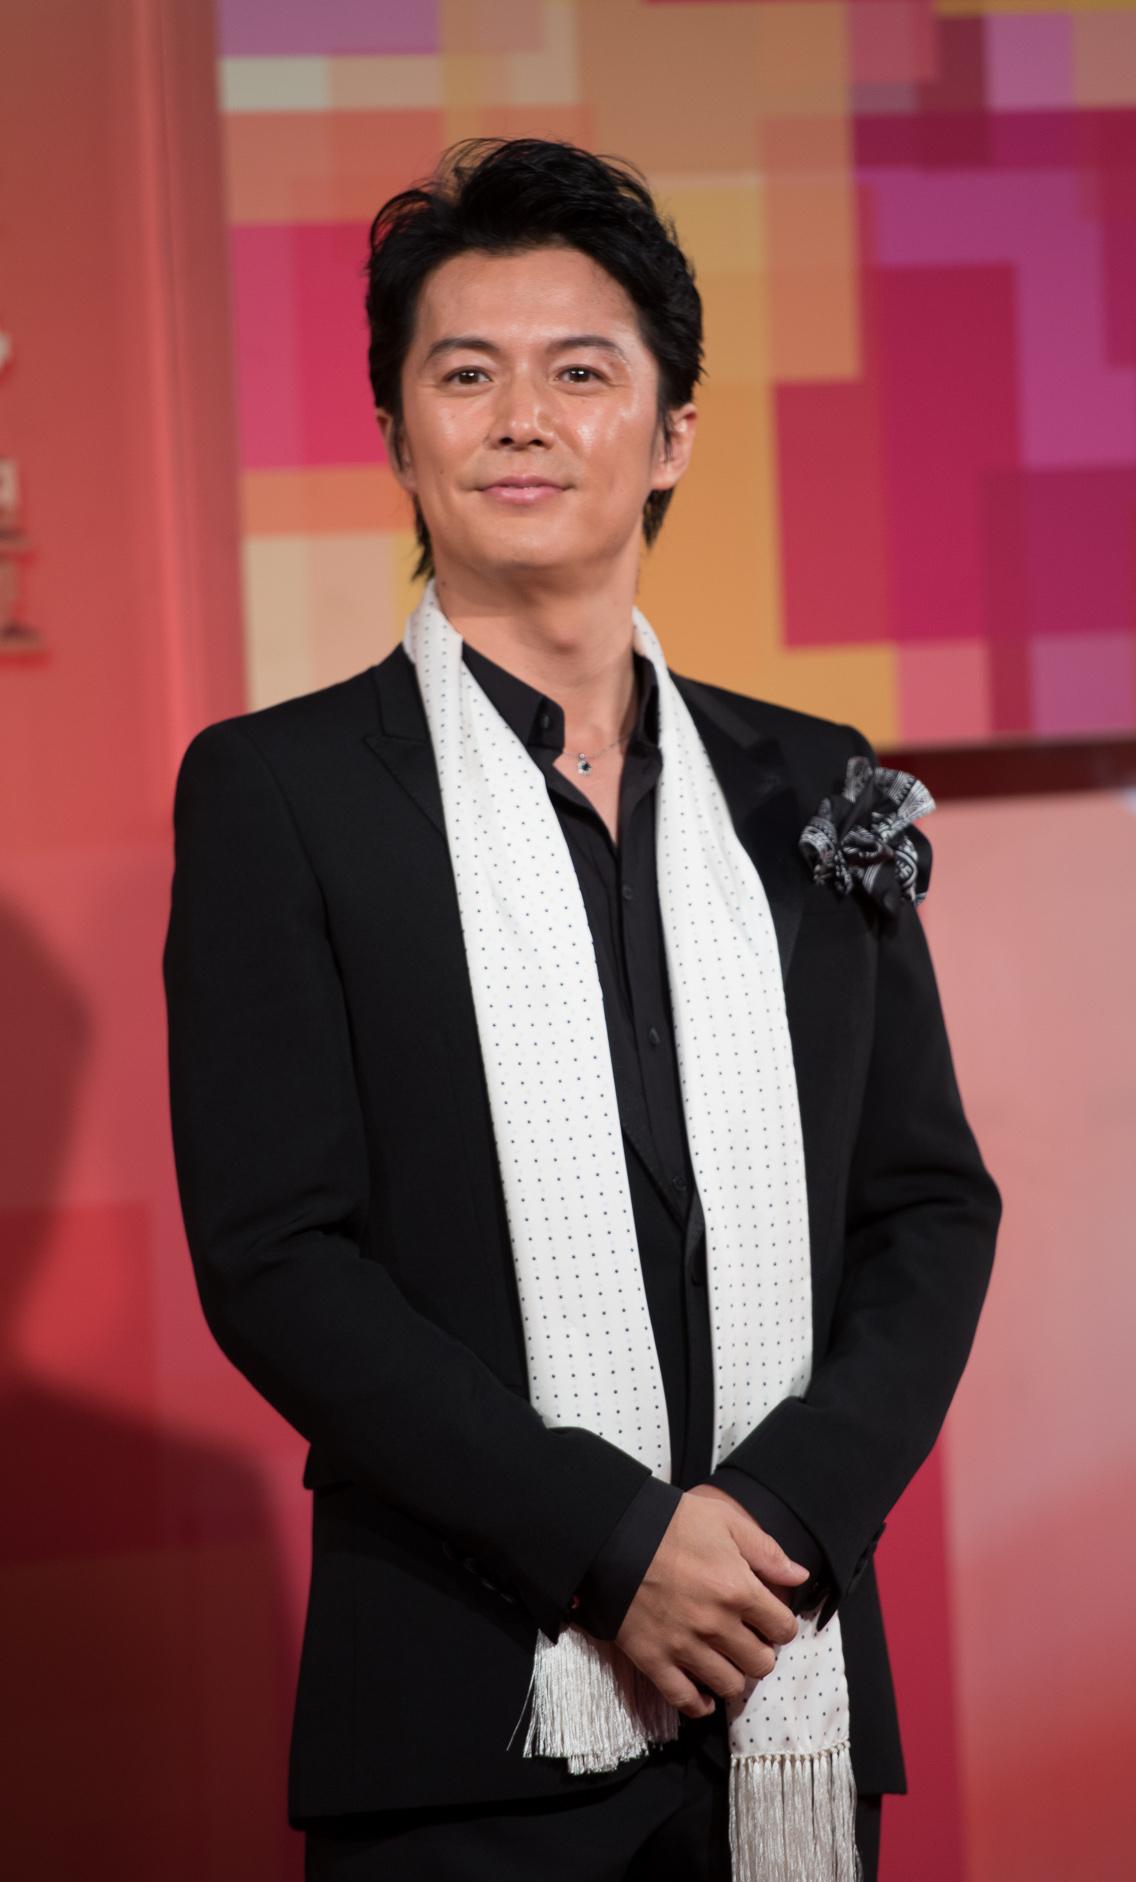 Photo de Masaharu Fukuyama avec un hauteur de 181 cm et à l'age de 49 en 2018